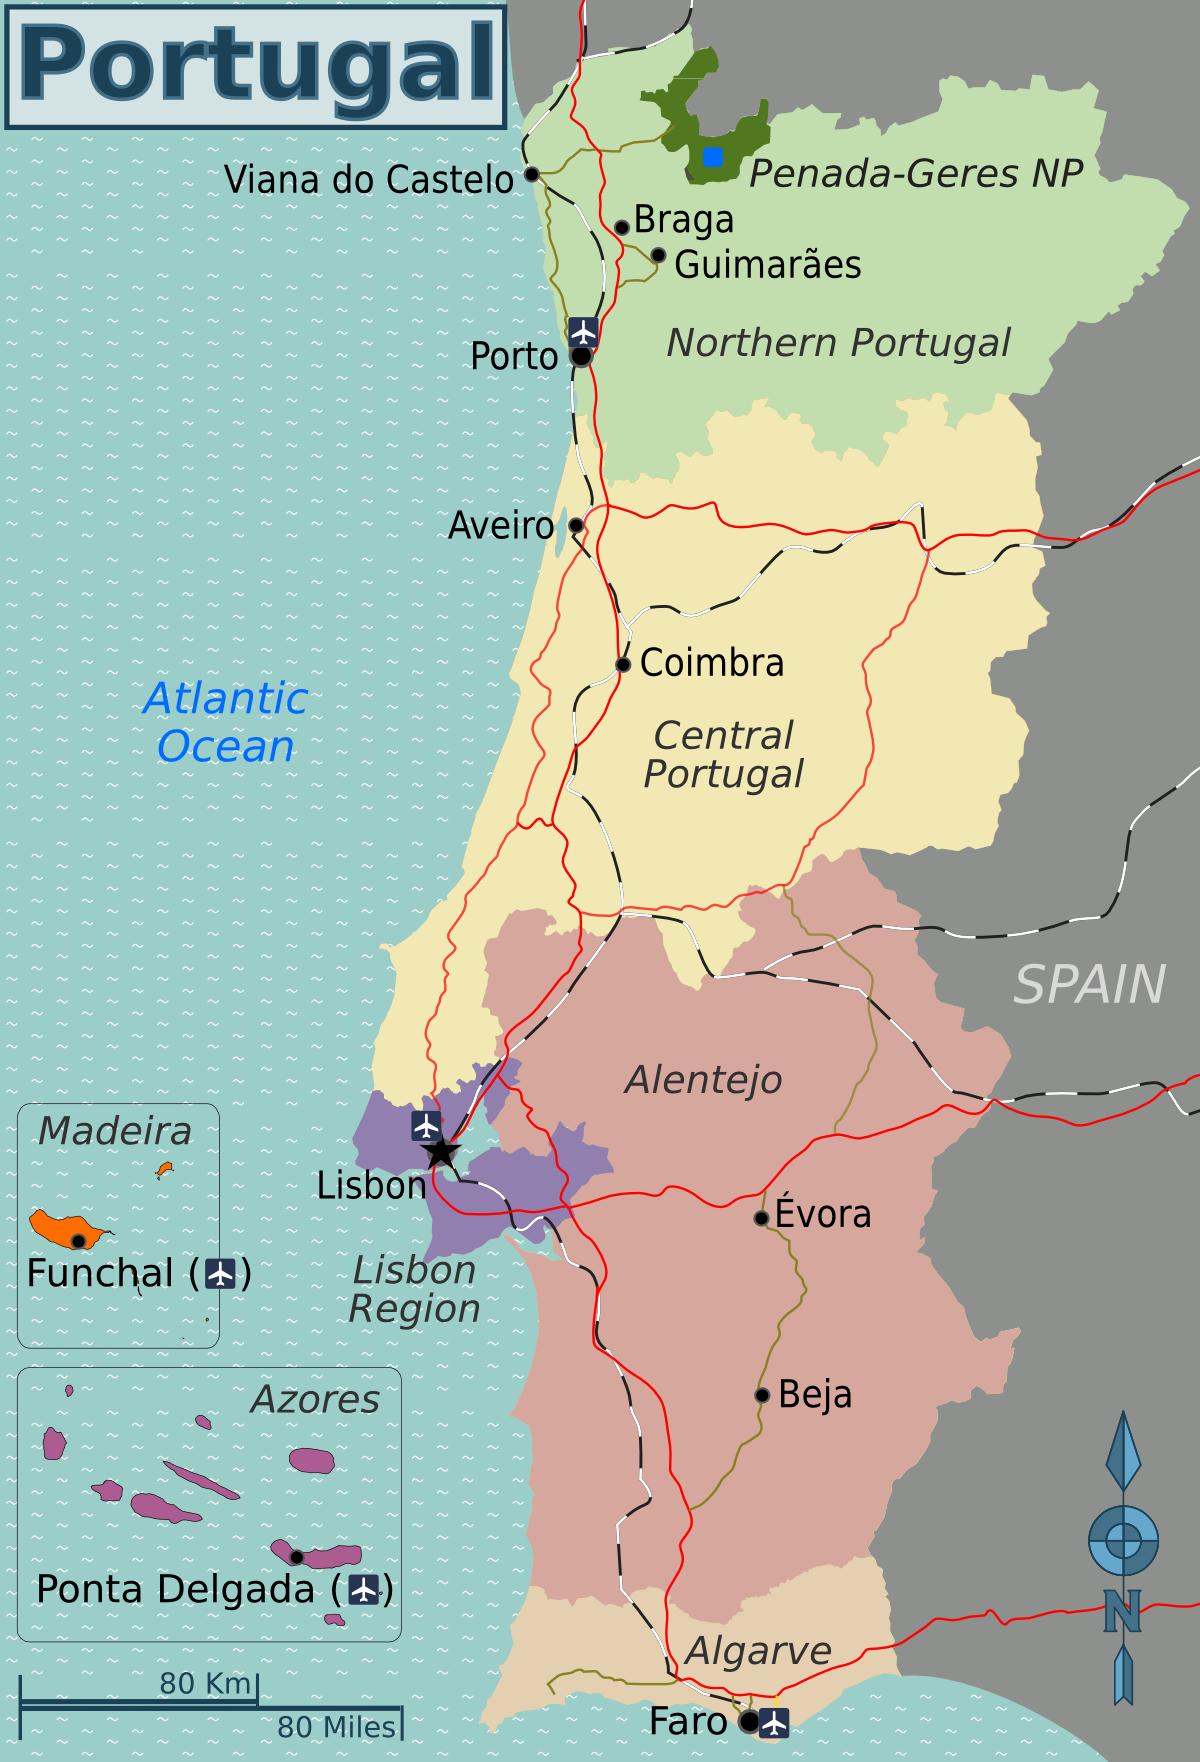 http://travelask.ru/system/images/files/000/132/211/original/Portugal_regions_travel_map_EN.png?1486448831